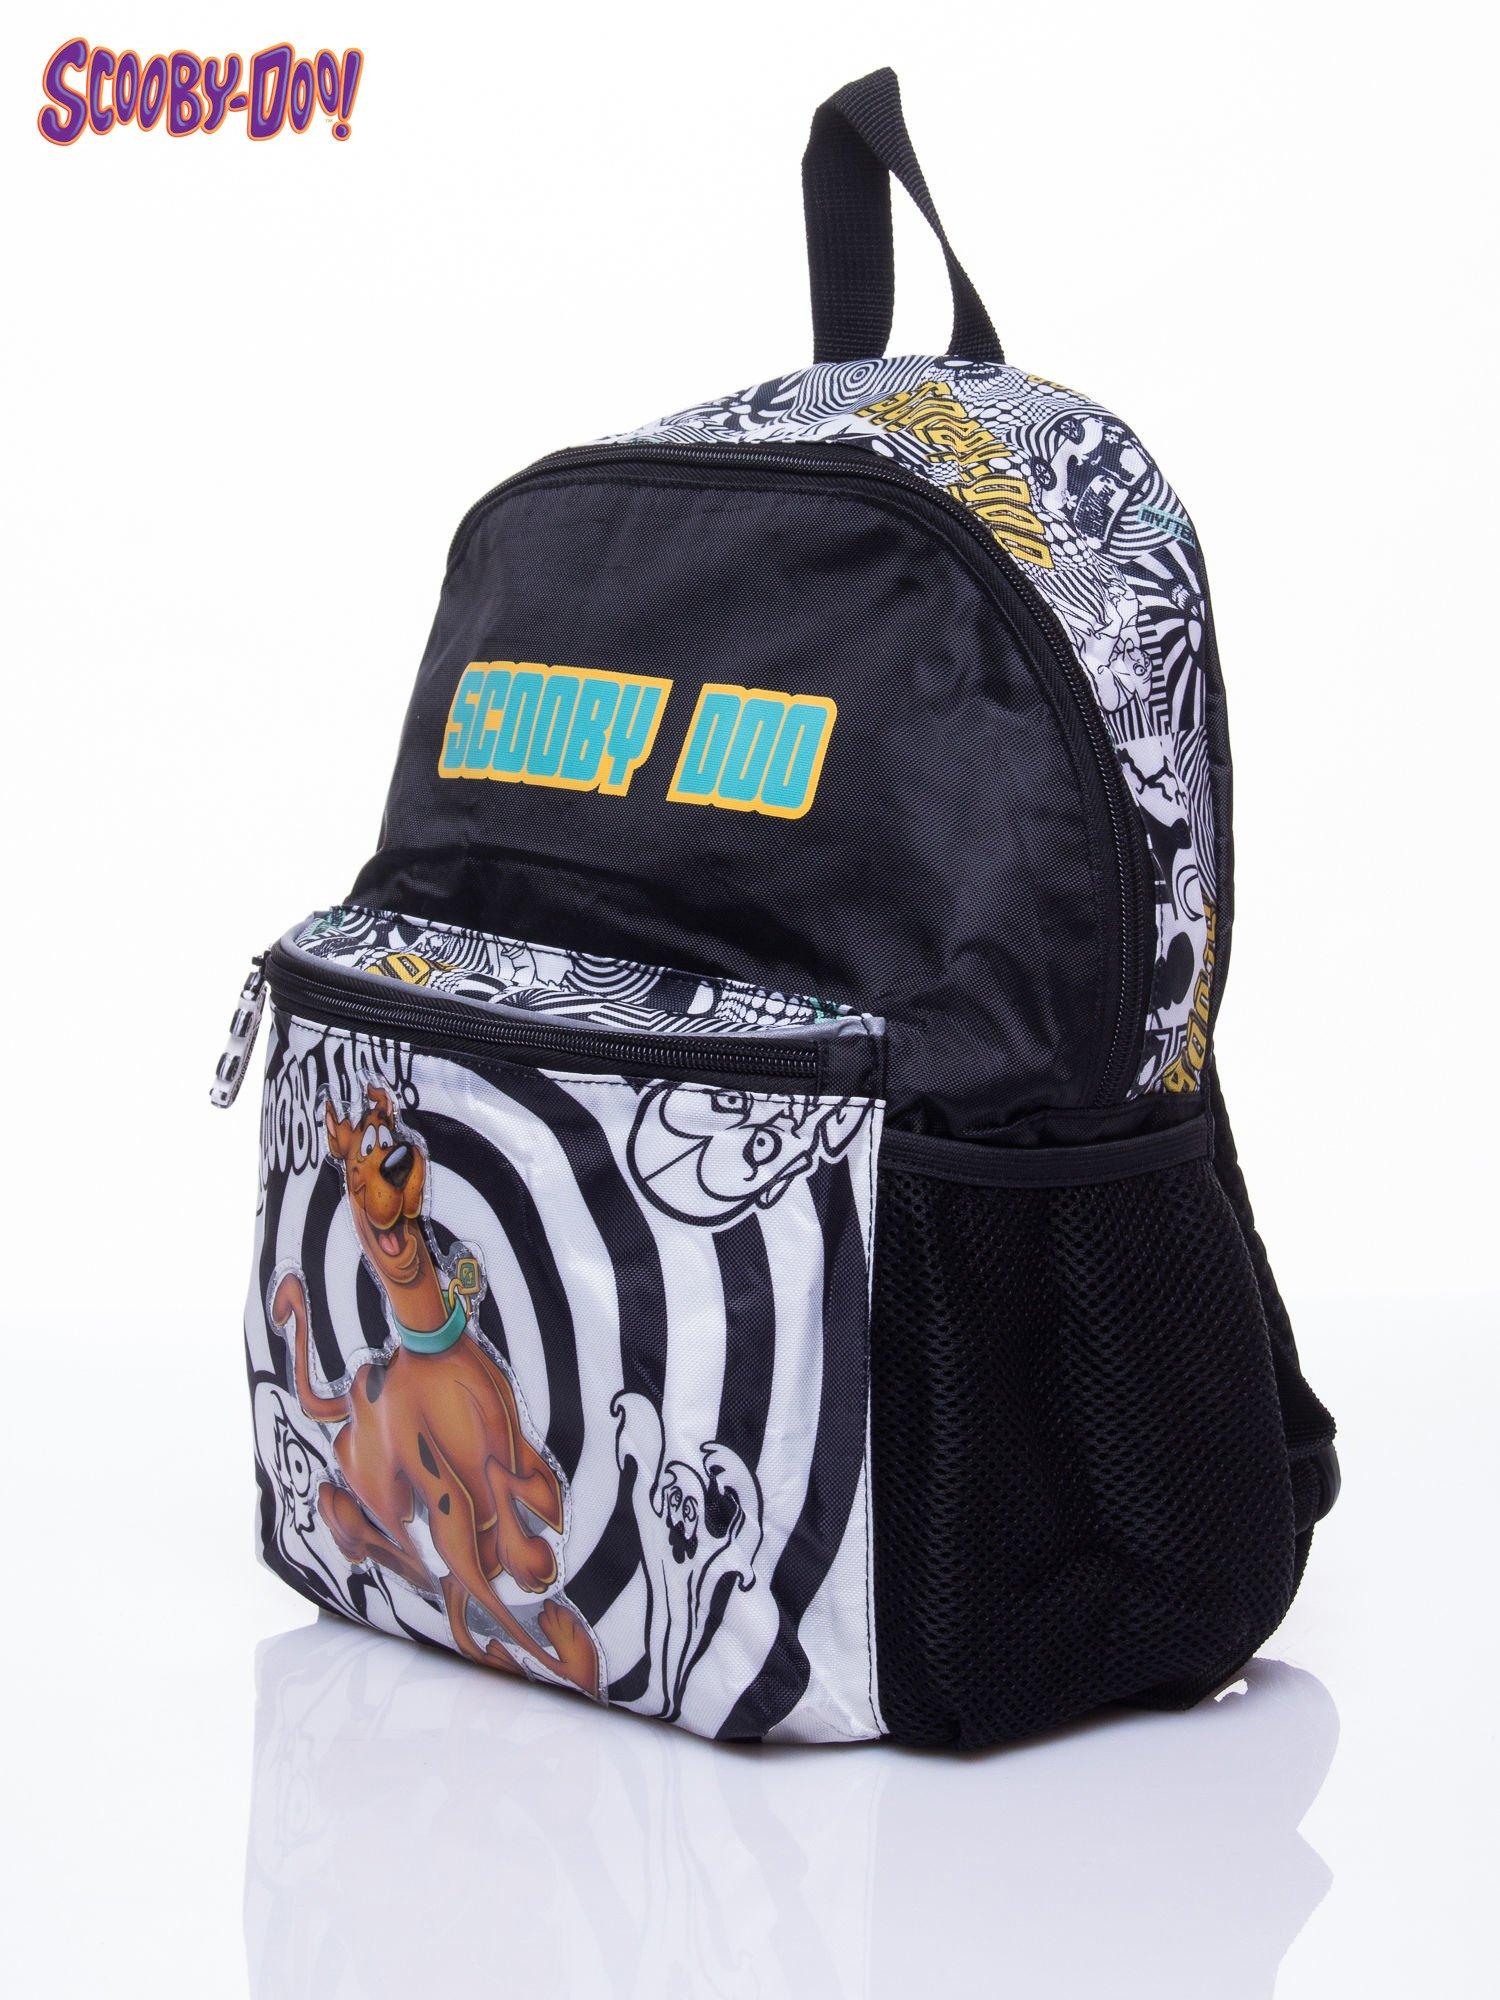 Czarny plecak szkolny DISNEY Scooby Doo                                  zdj.                                  2